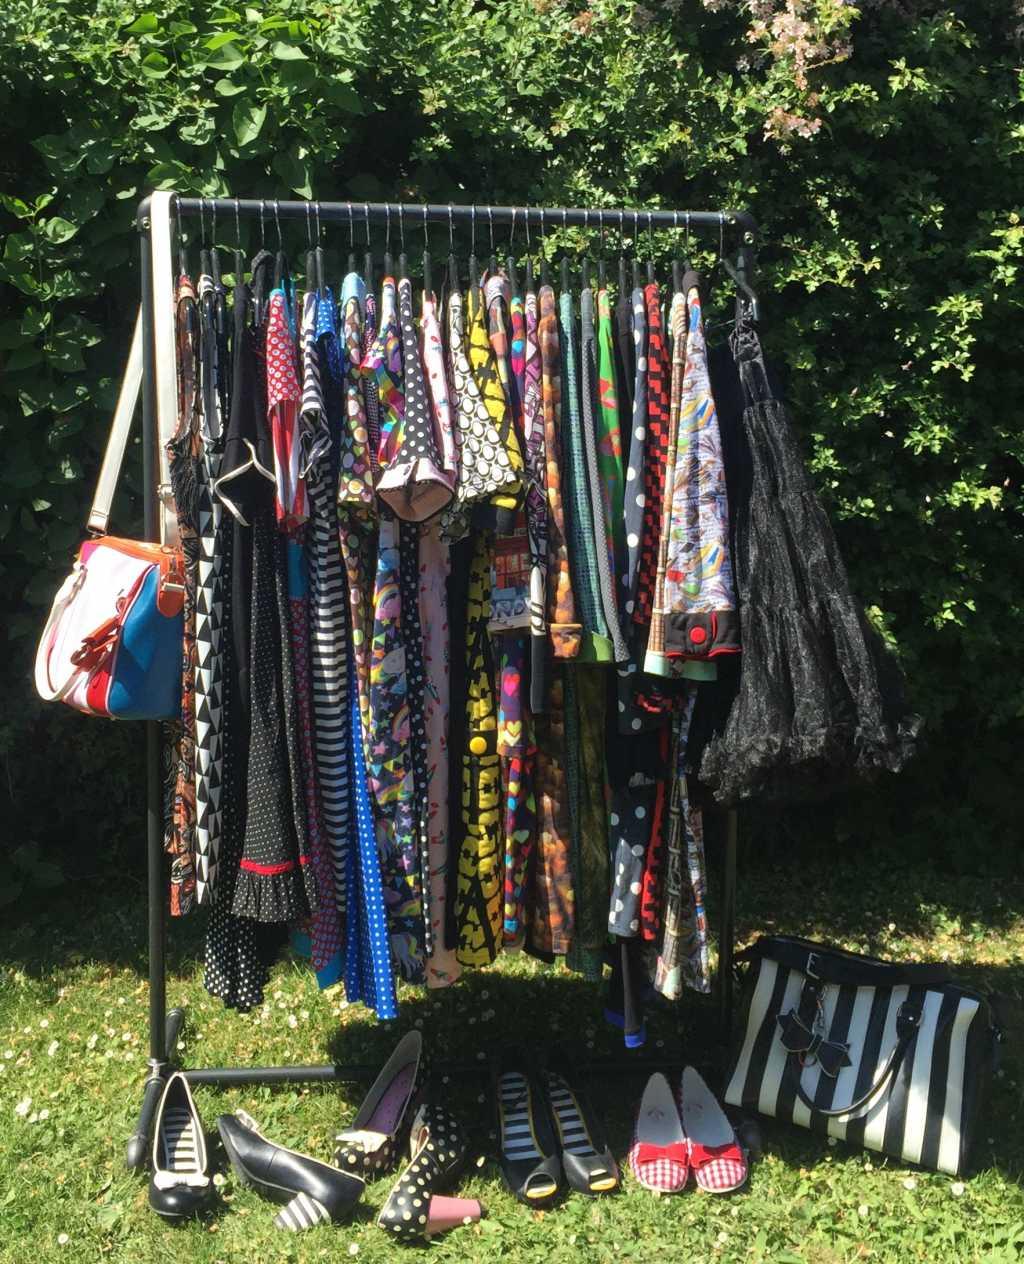 ziito.dk, ziito, tøjstativ, bæredygtighed, vandrør, kjoler, lindybop, dumilde, margot, stativ, Lola Ramona